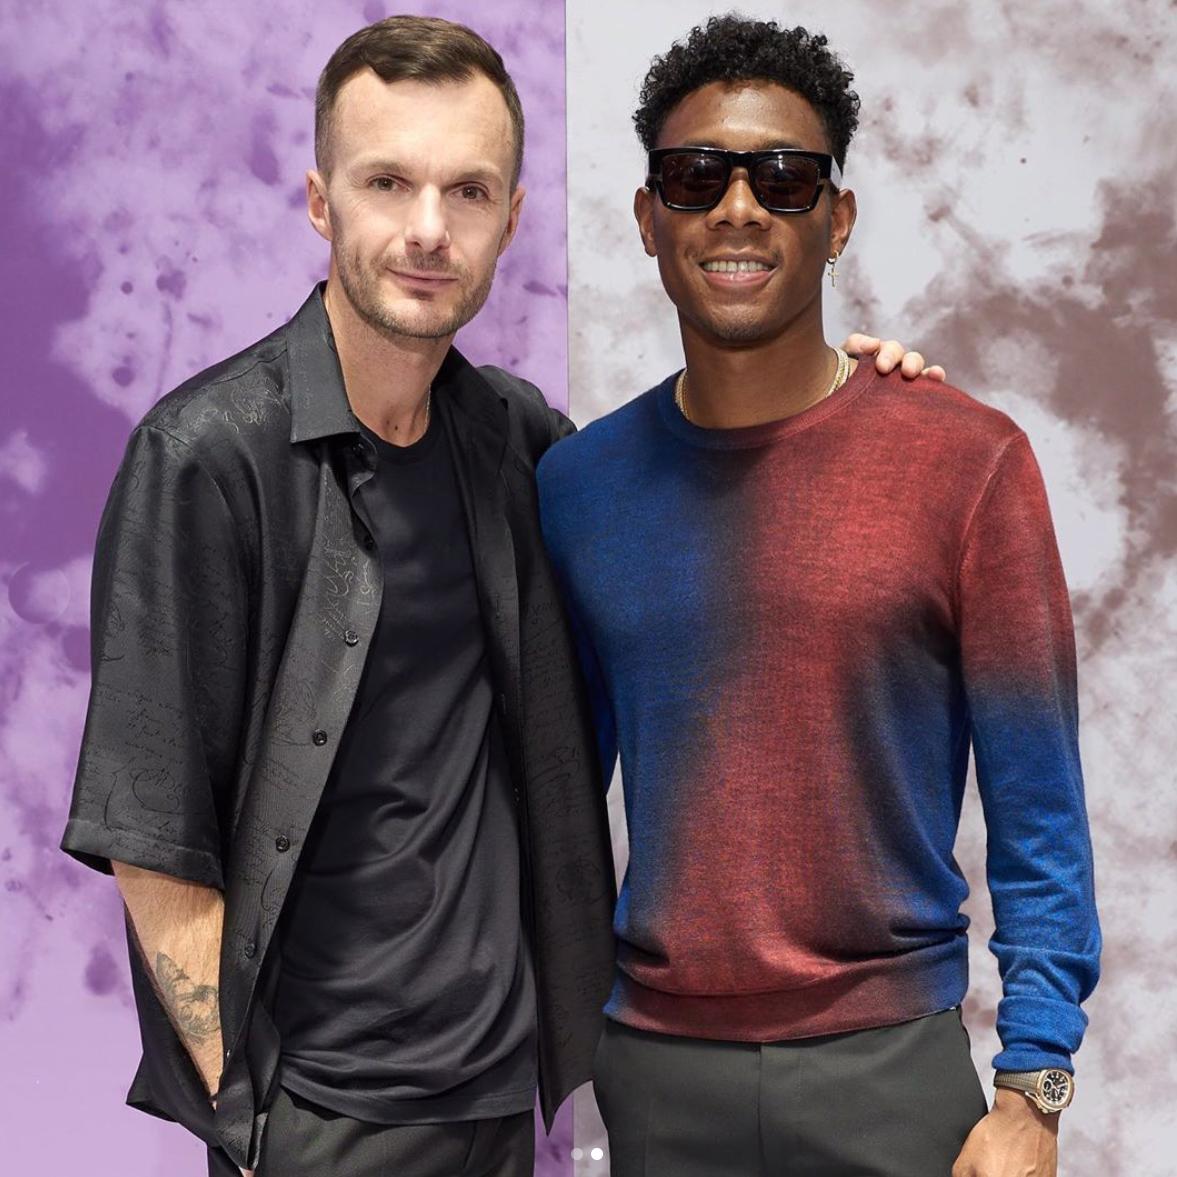 Die stylischsten Fußballspieler 2019: David Alaba